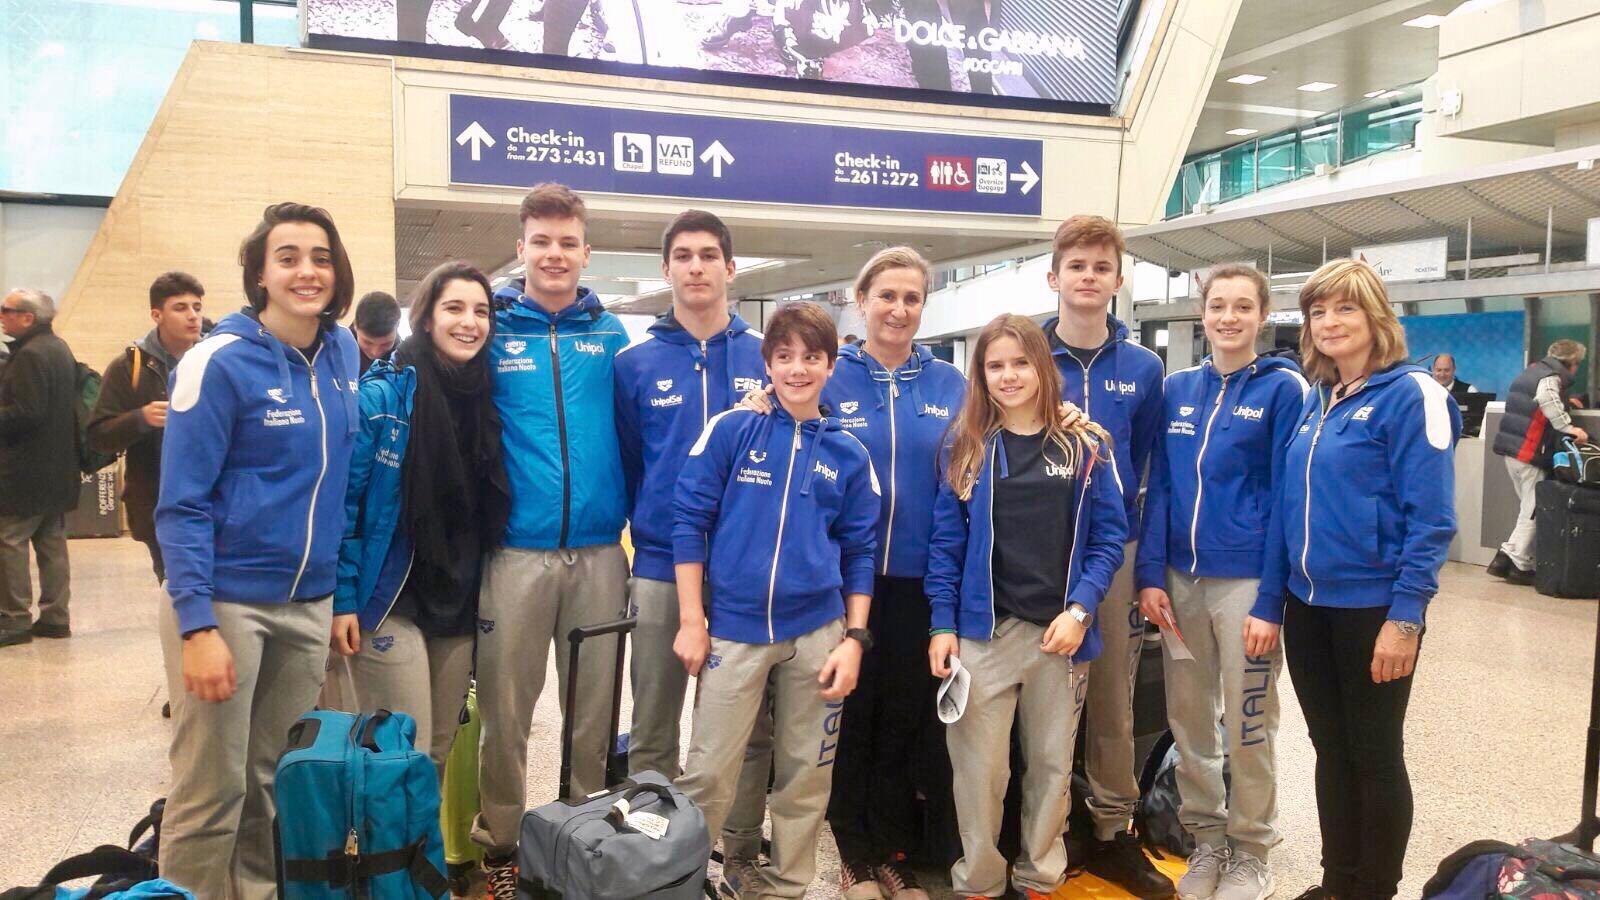 7 Nazioni Giovanile: Bourg-en-Bresse - la seconda ed ultima giornata di gare.